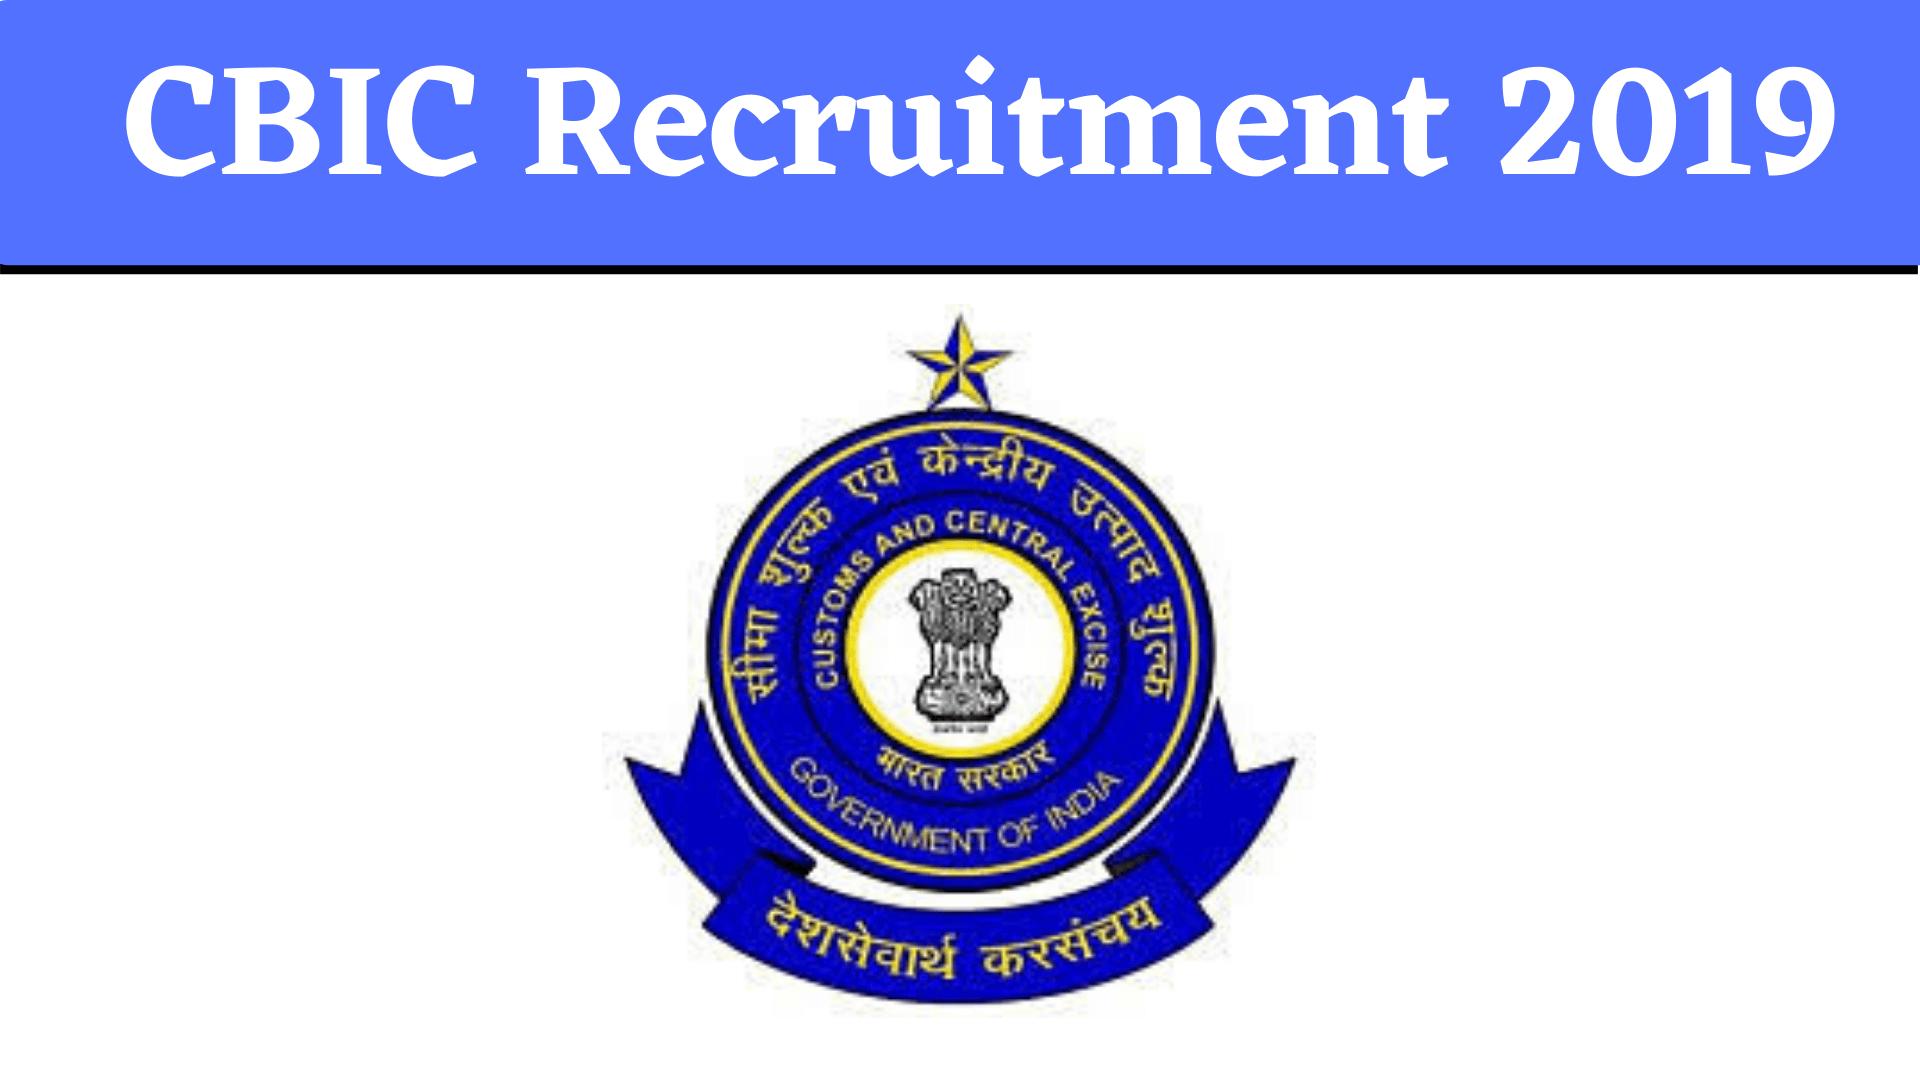 CBIC Recruitment 2019